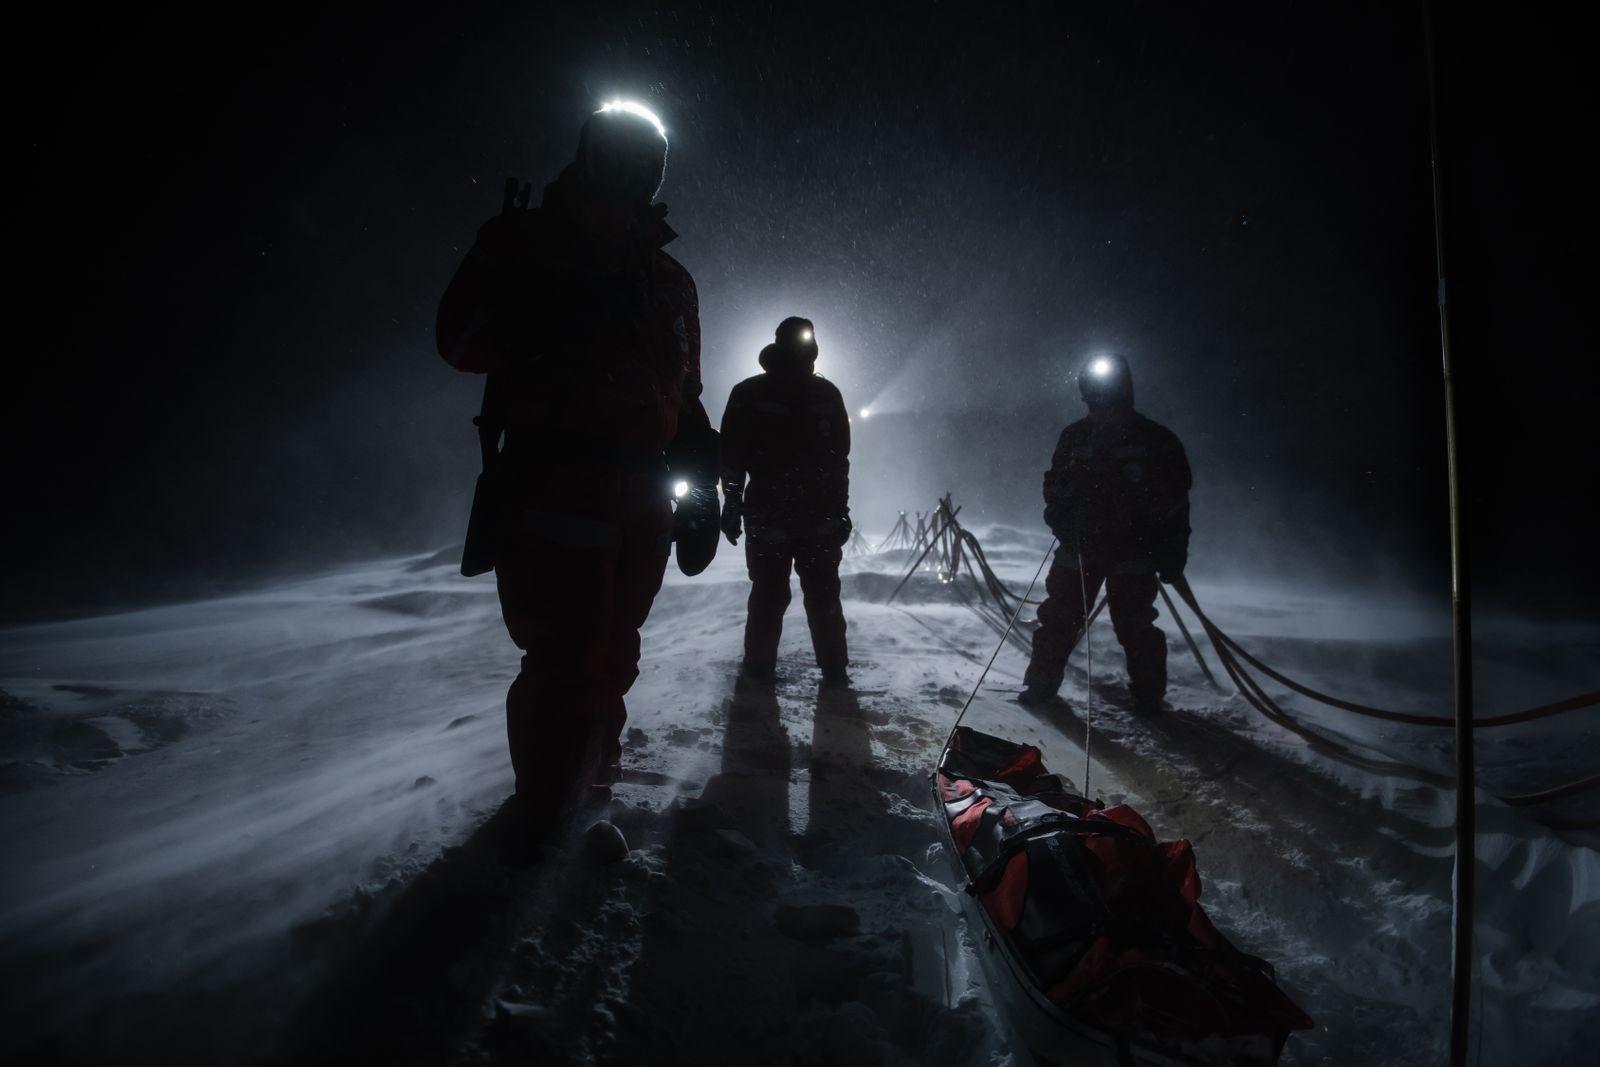 Wissenschaftler im Sturm auf ihrer Scholle: Auch in der Polarnacht gab es genug zu fotografieren Foto:Esther Horvath